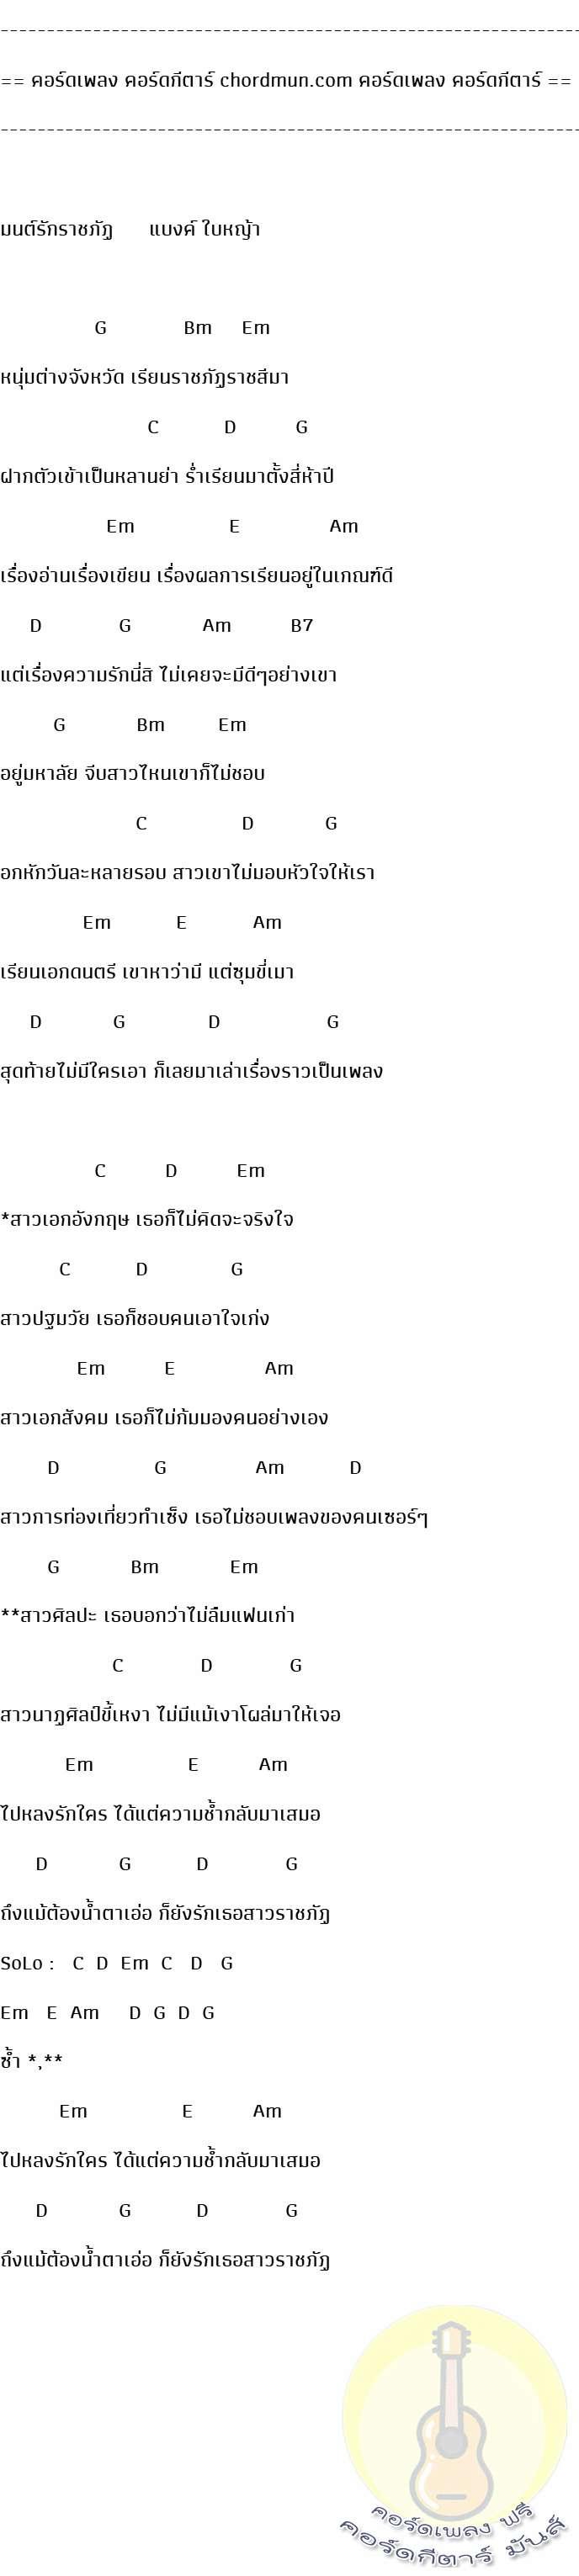 คอร์ดกีต้า ง่ายๆ  เพลง มนต์รักราชภัฏ